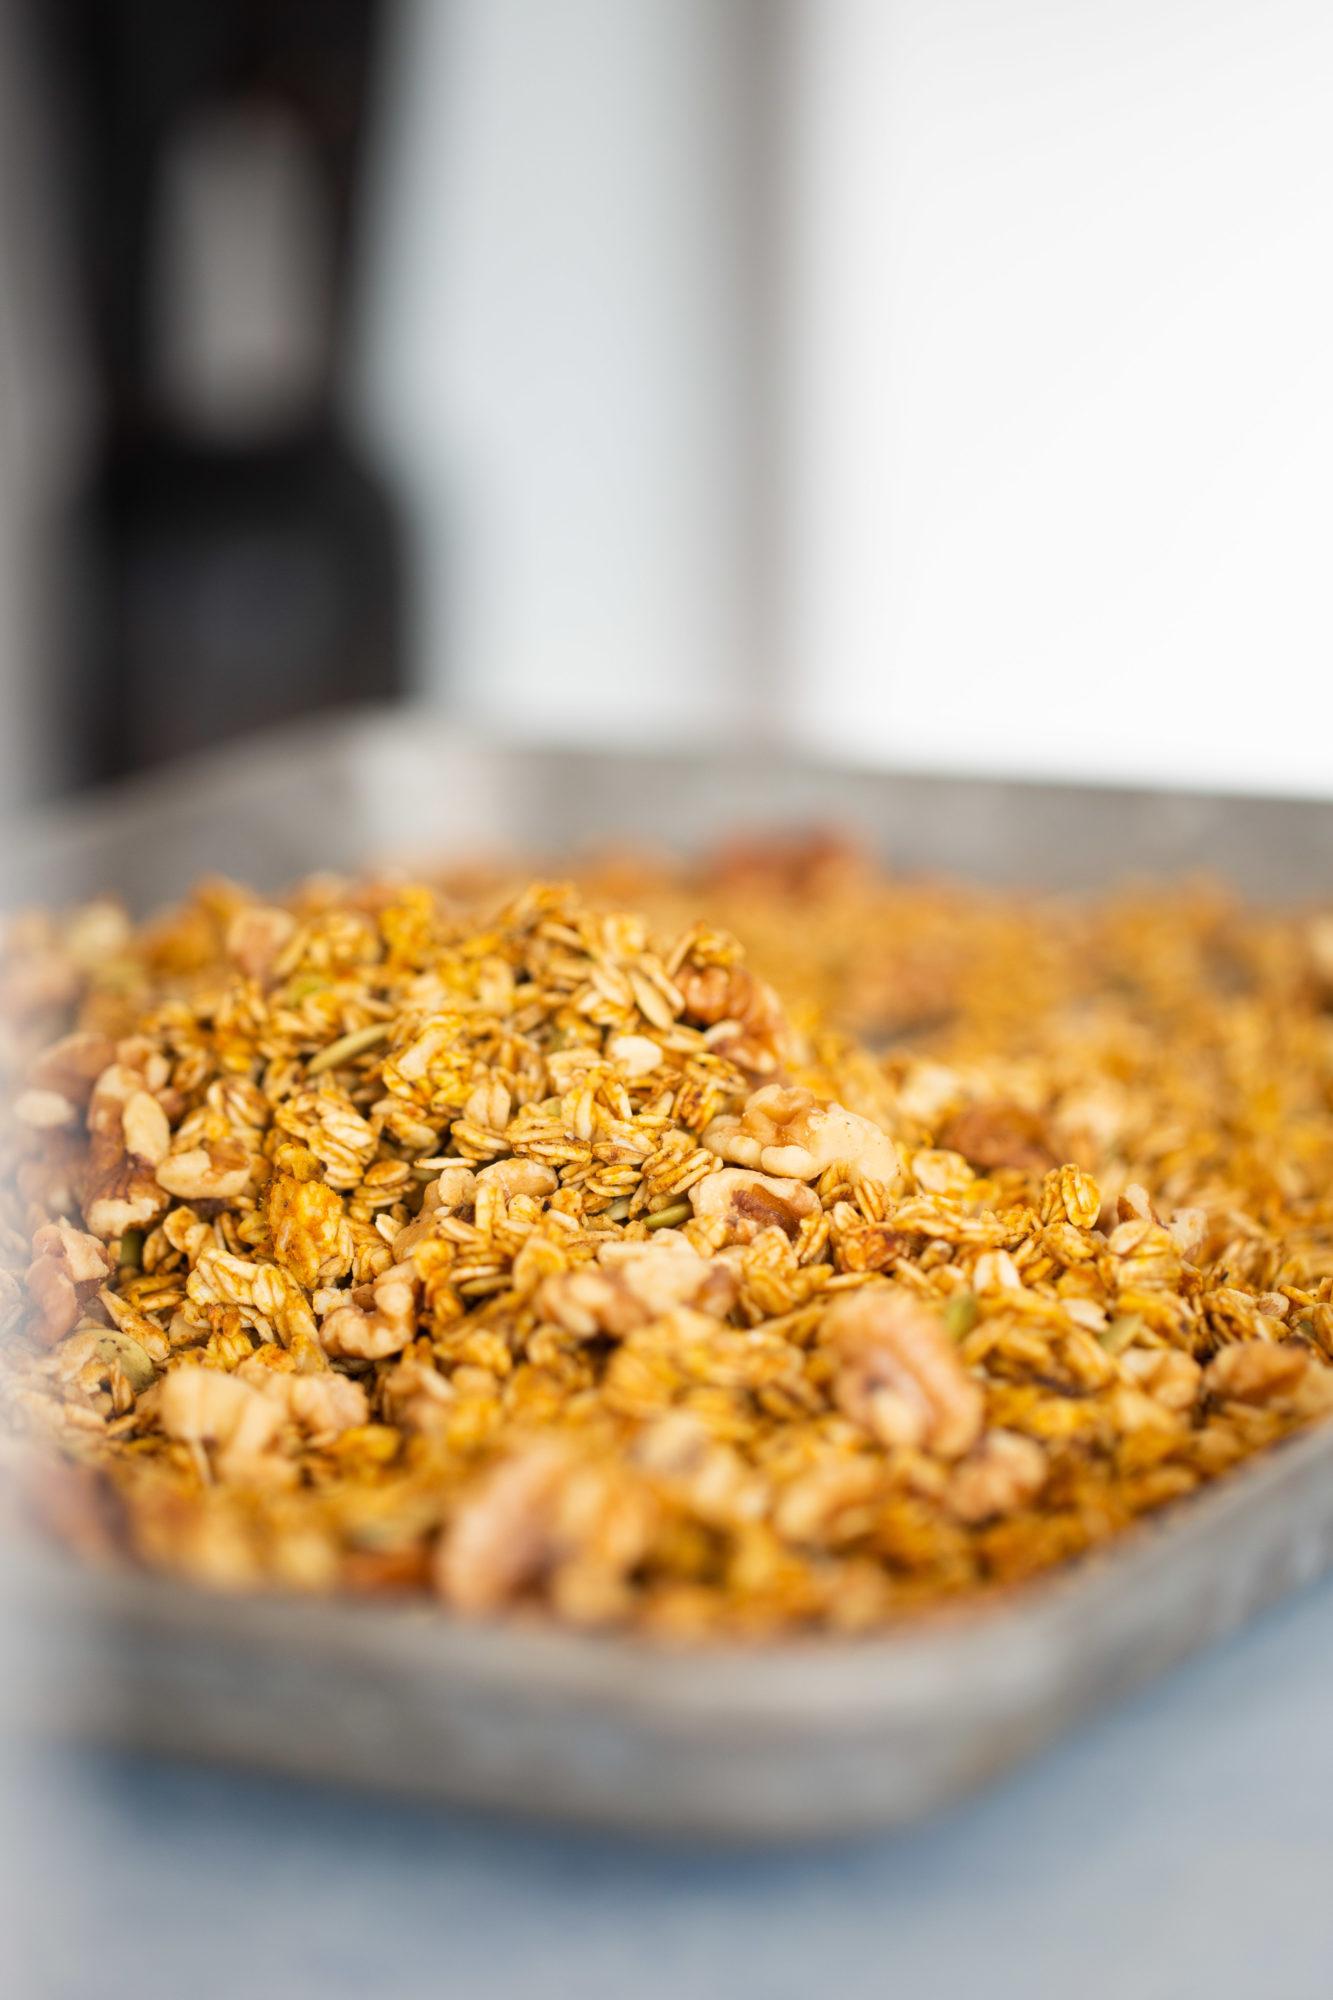 granola en la charola recien salida del horno